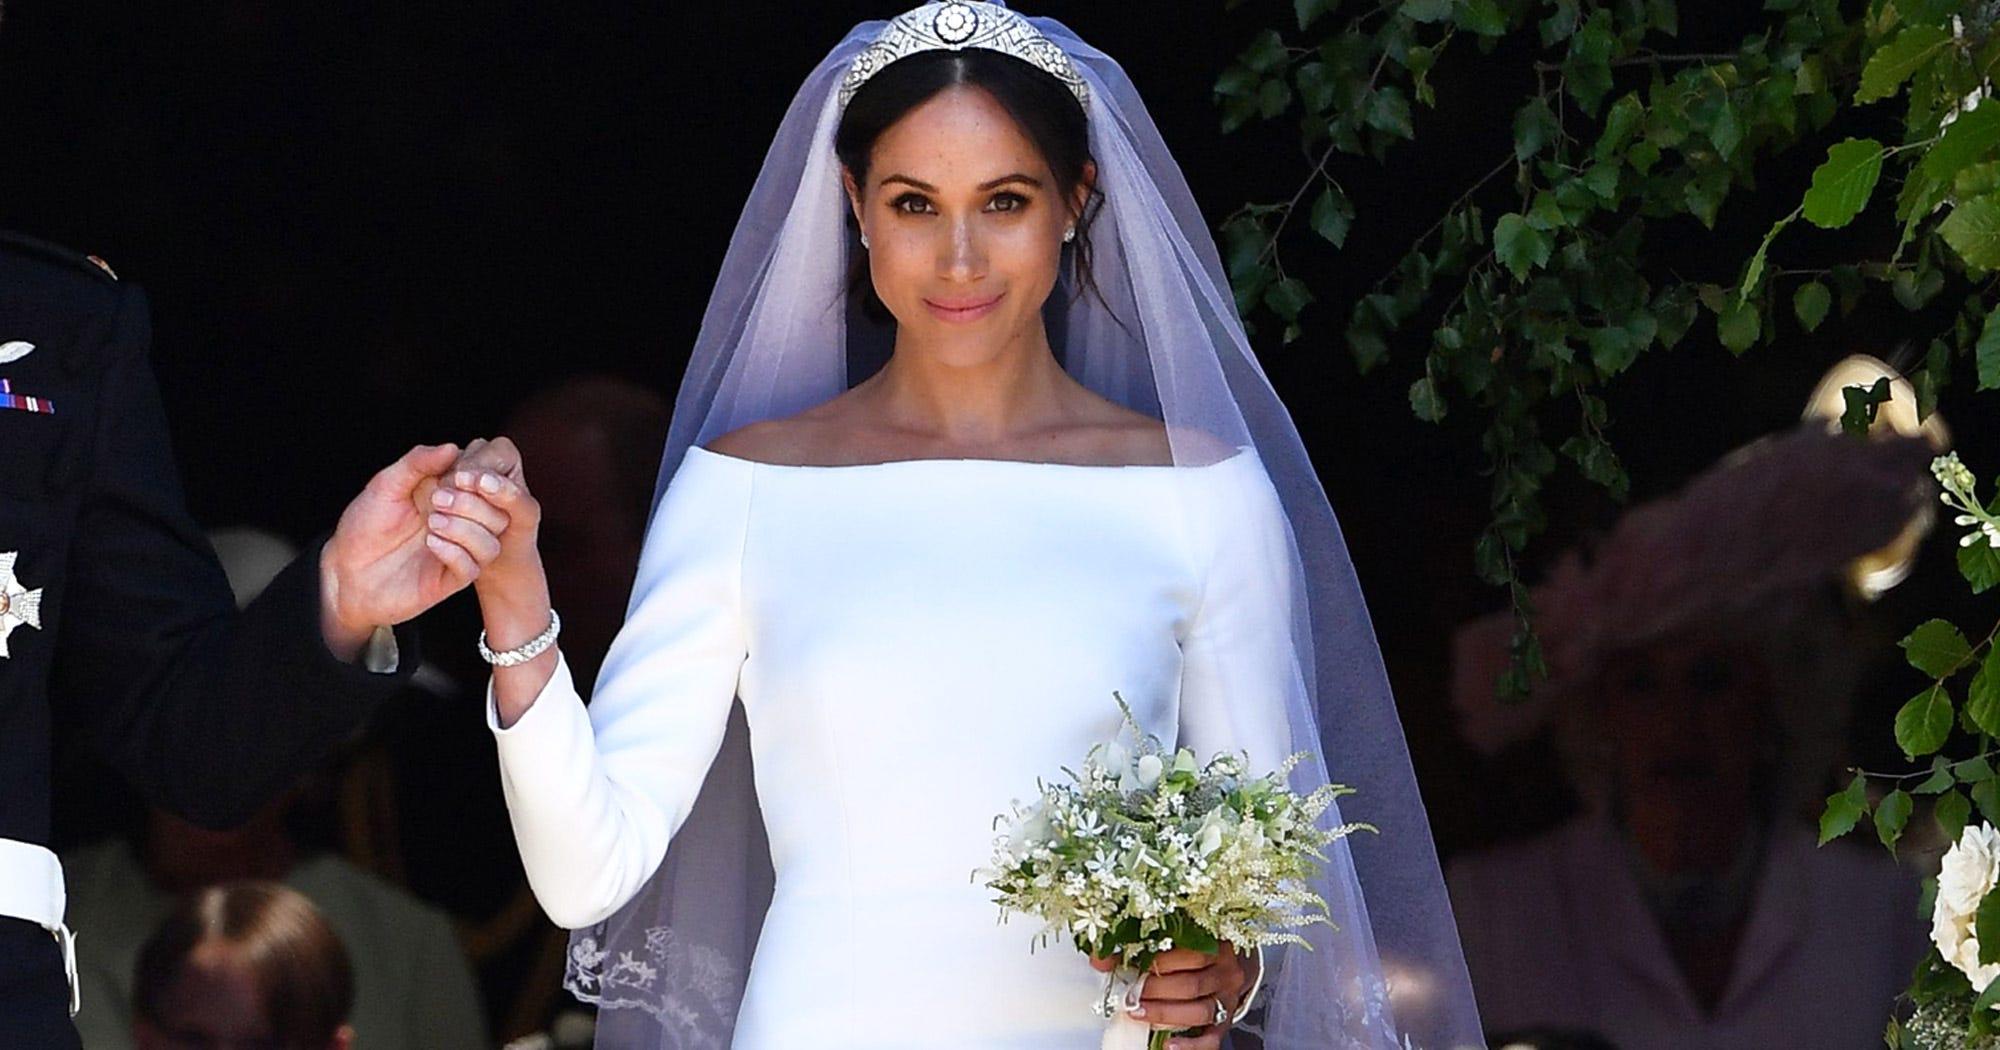 796d313c12 Designer Claims Meghan Markle s Wedding Dress Copied